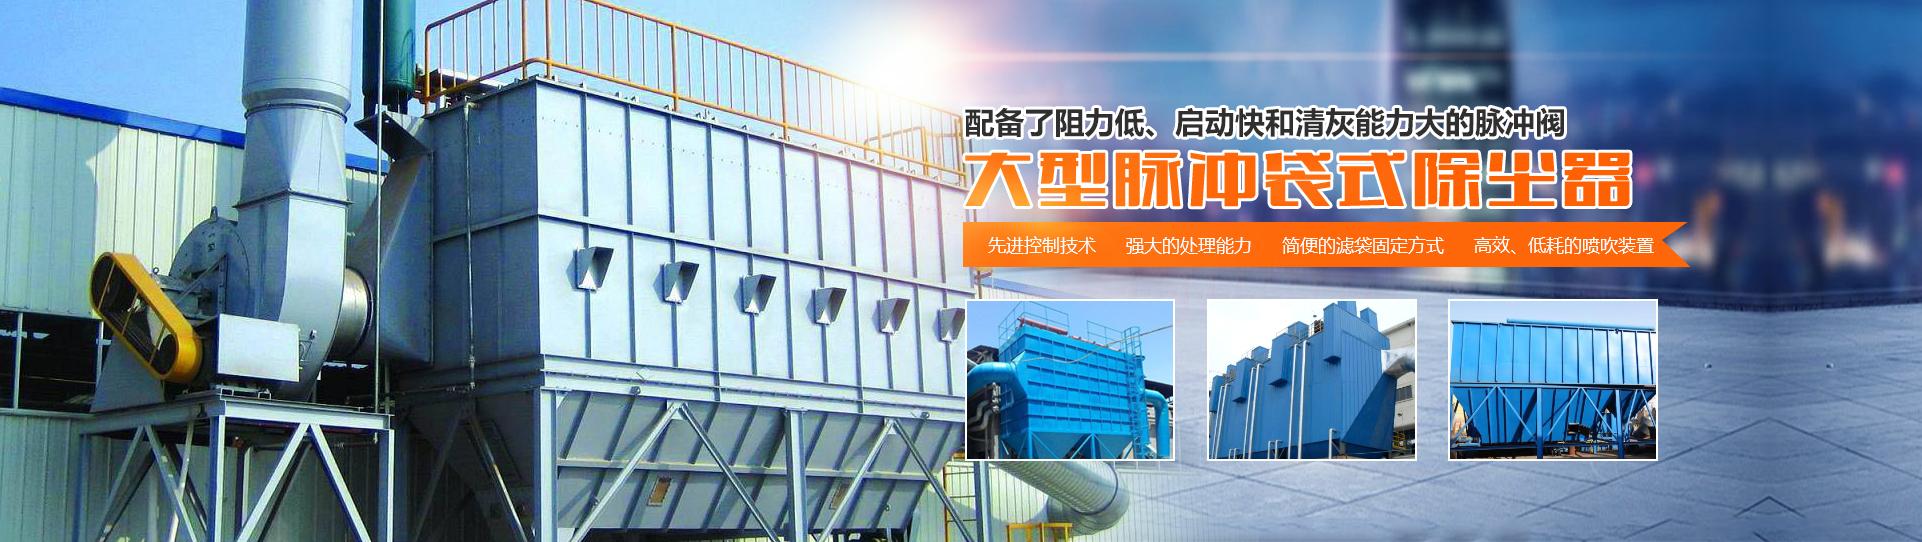 宜兴市长峰机械厂,长峰机械